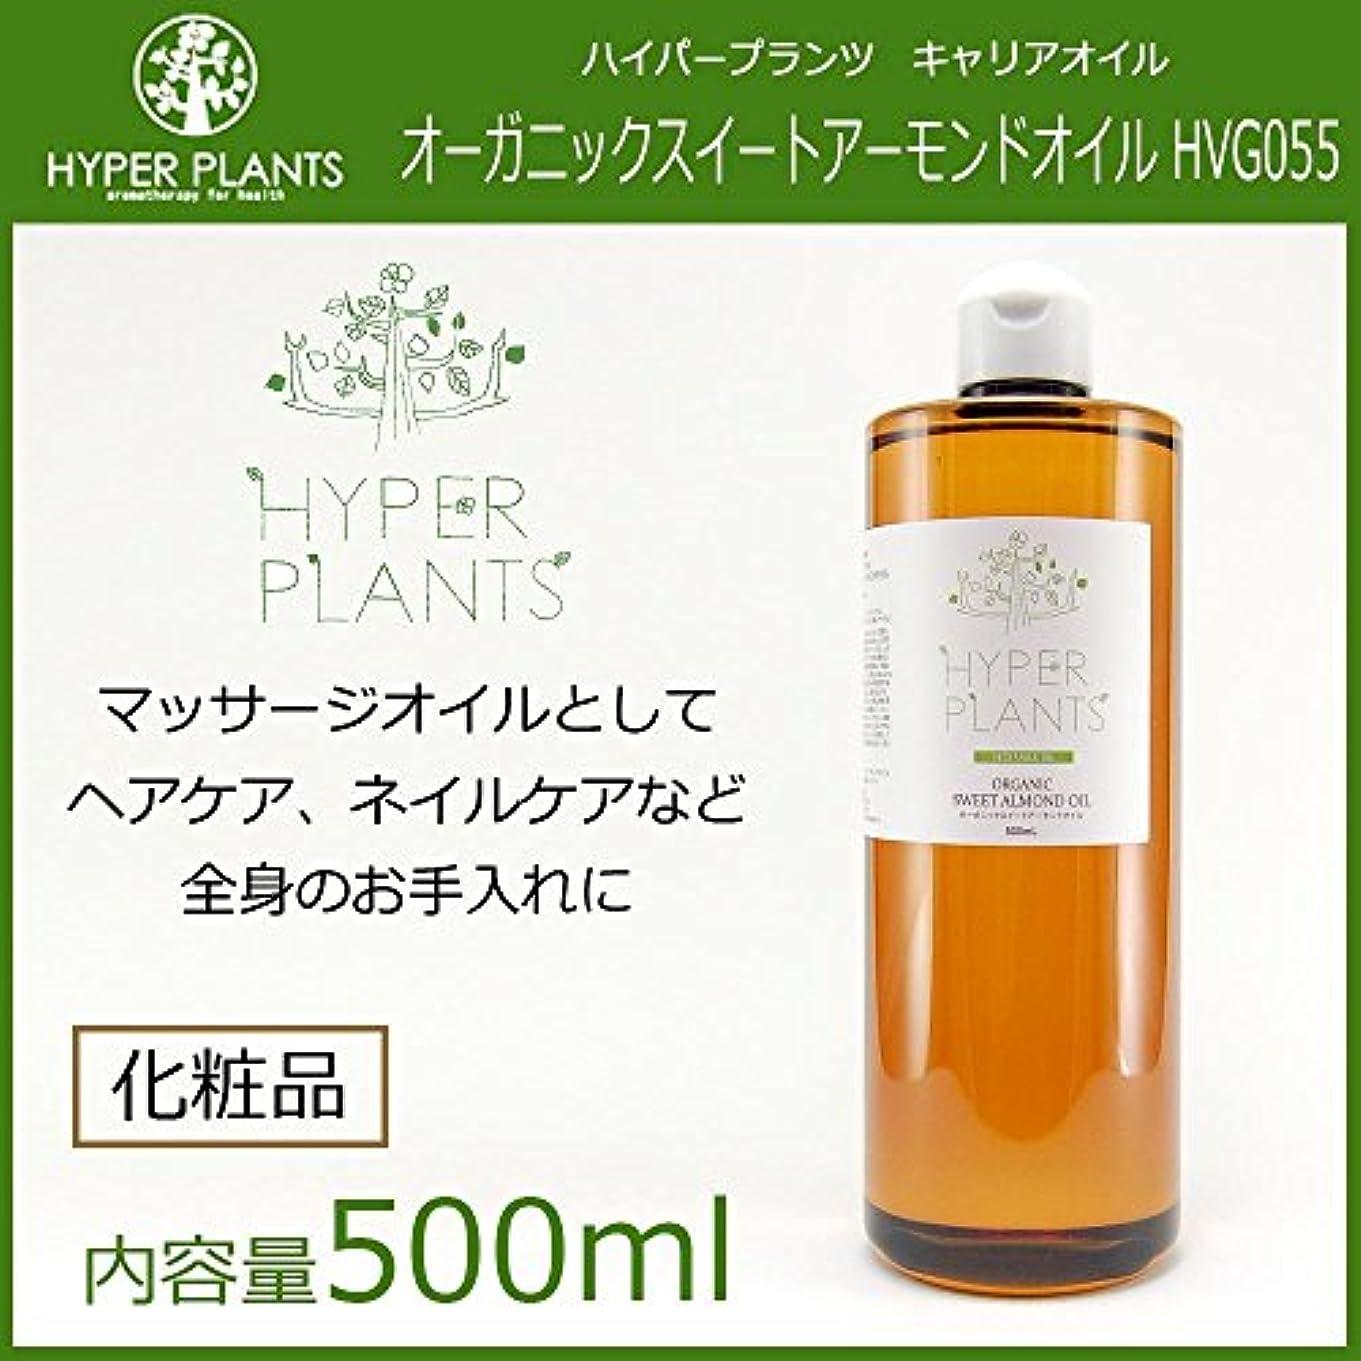 リサイクルする振る武装解除HYPER PLANTS ハイパープランツ キャリアオイル オーガニックスイートアーモンドオイル 500ml HVG055